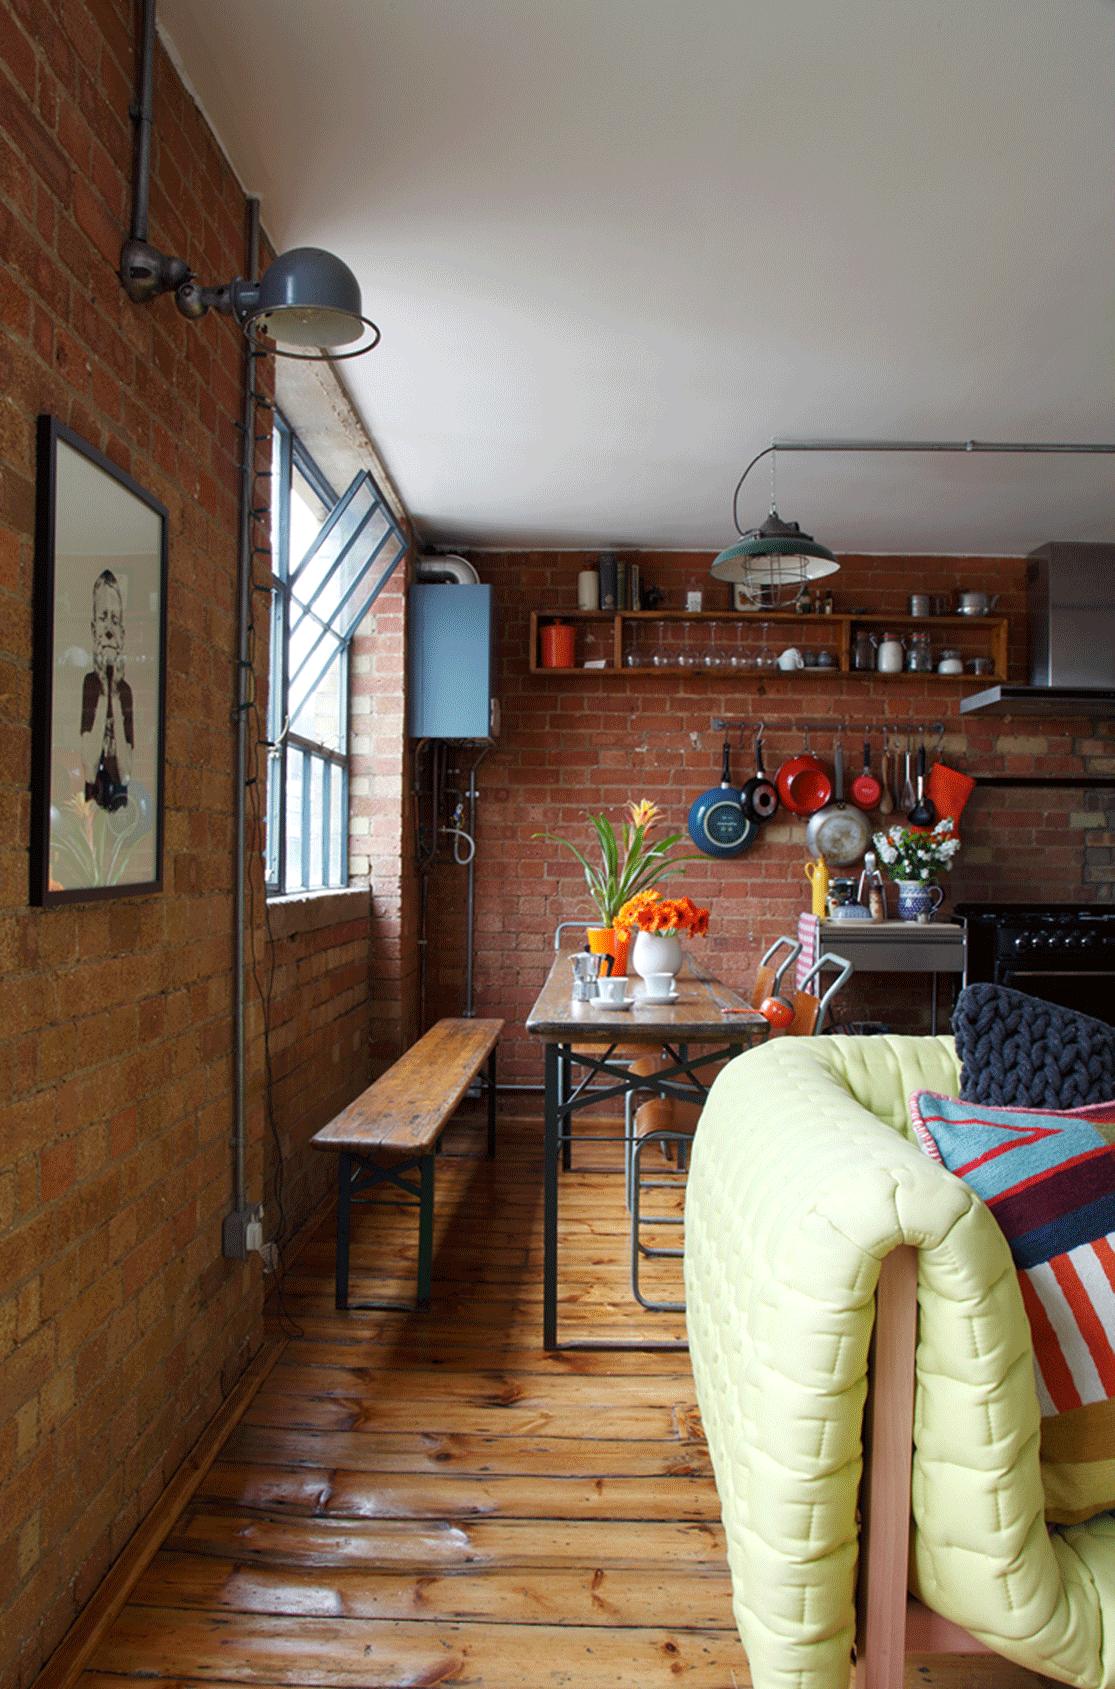 un loft anglais dans un ancien entrep t planete deco a homes world loft and architects. Black Bedroom Furniture Sets. Home Design Ideas